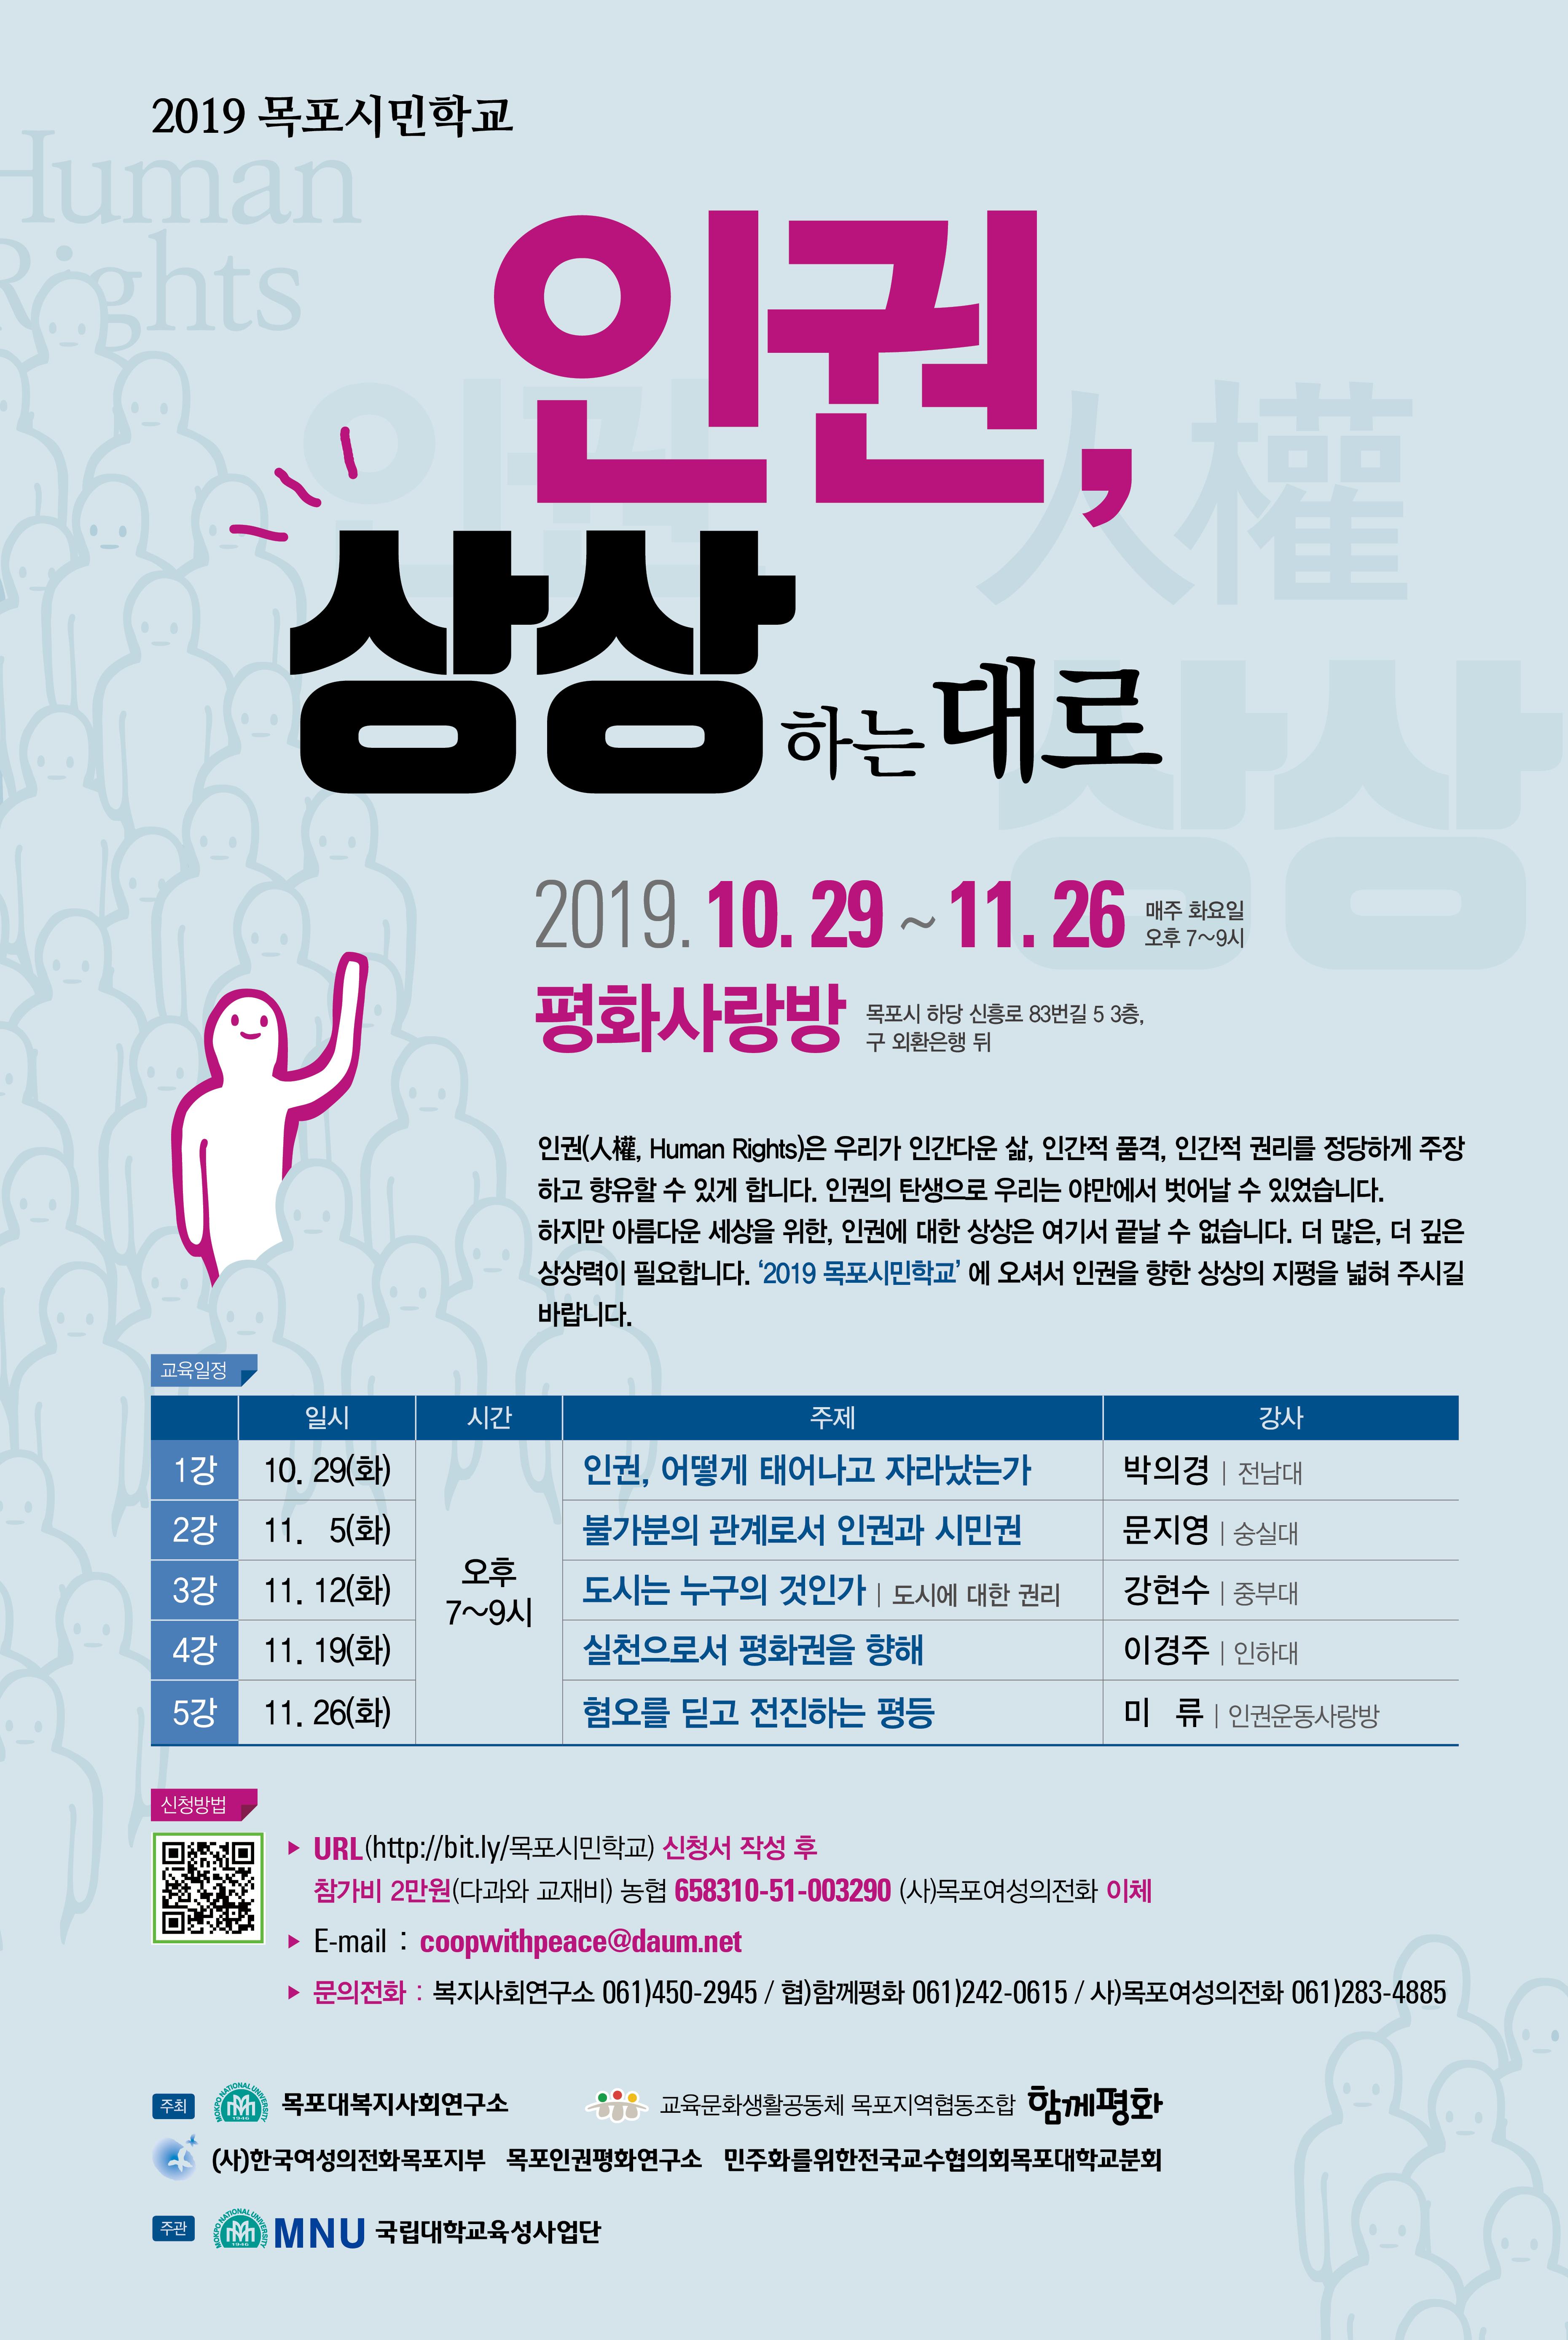 목포대 복지사회연구소와 함께하는 목포시민학교 개최 안내